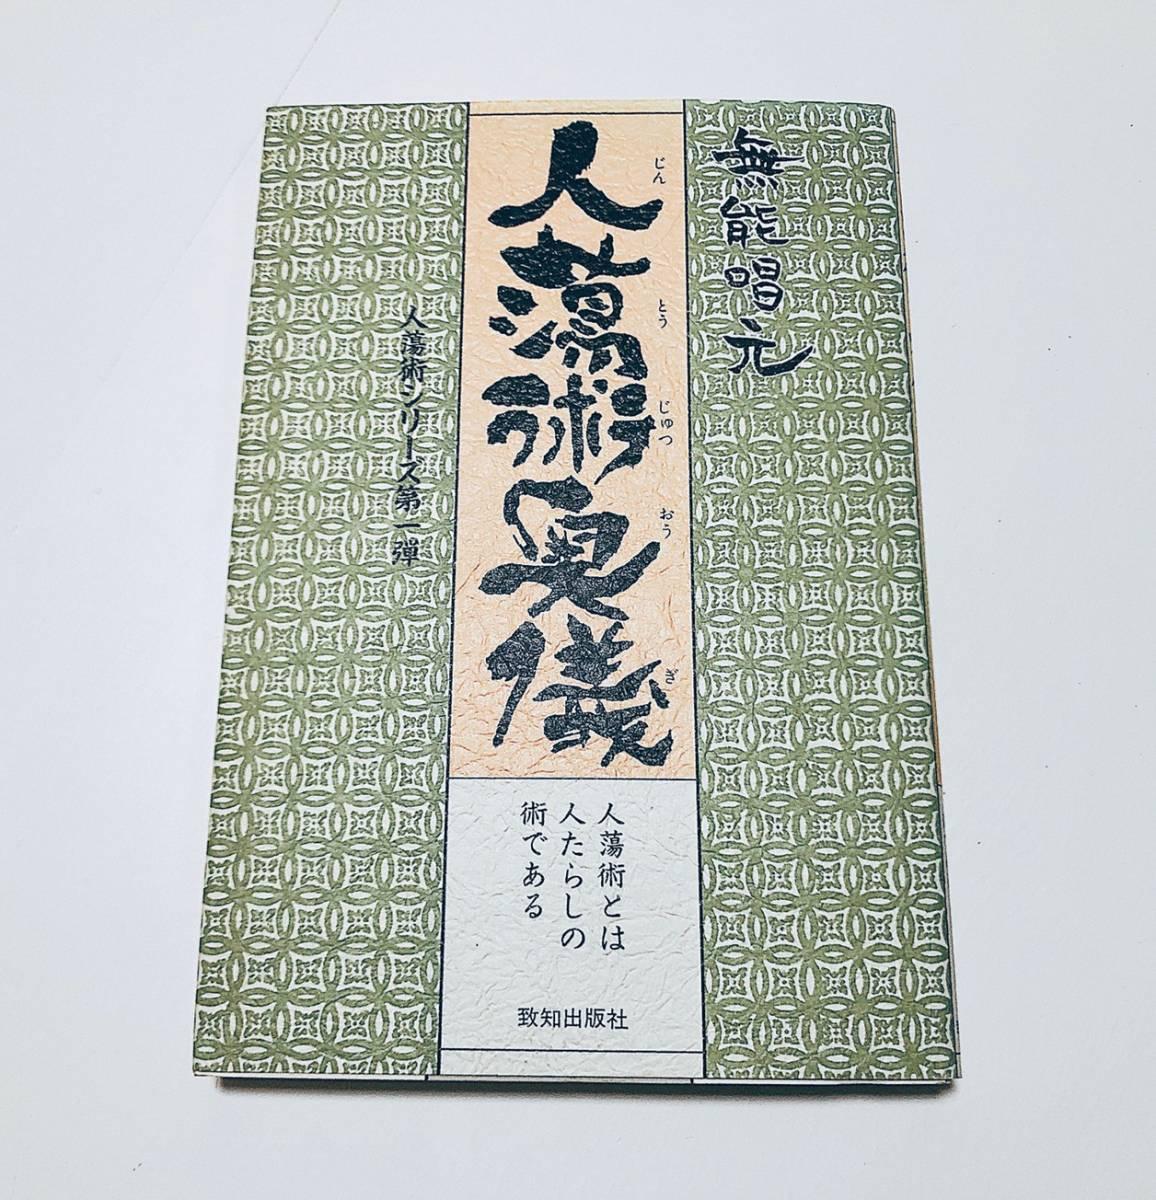 ◎ 無能唱元 人蕩術 人蕩術奥義 人たらし シリーズ 古書 竹井出版 心理学 バイブル K0214